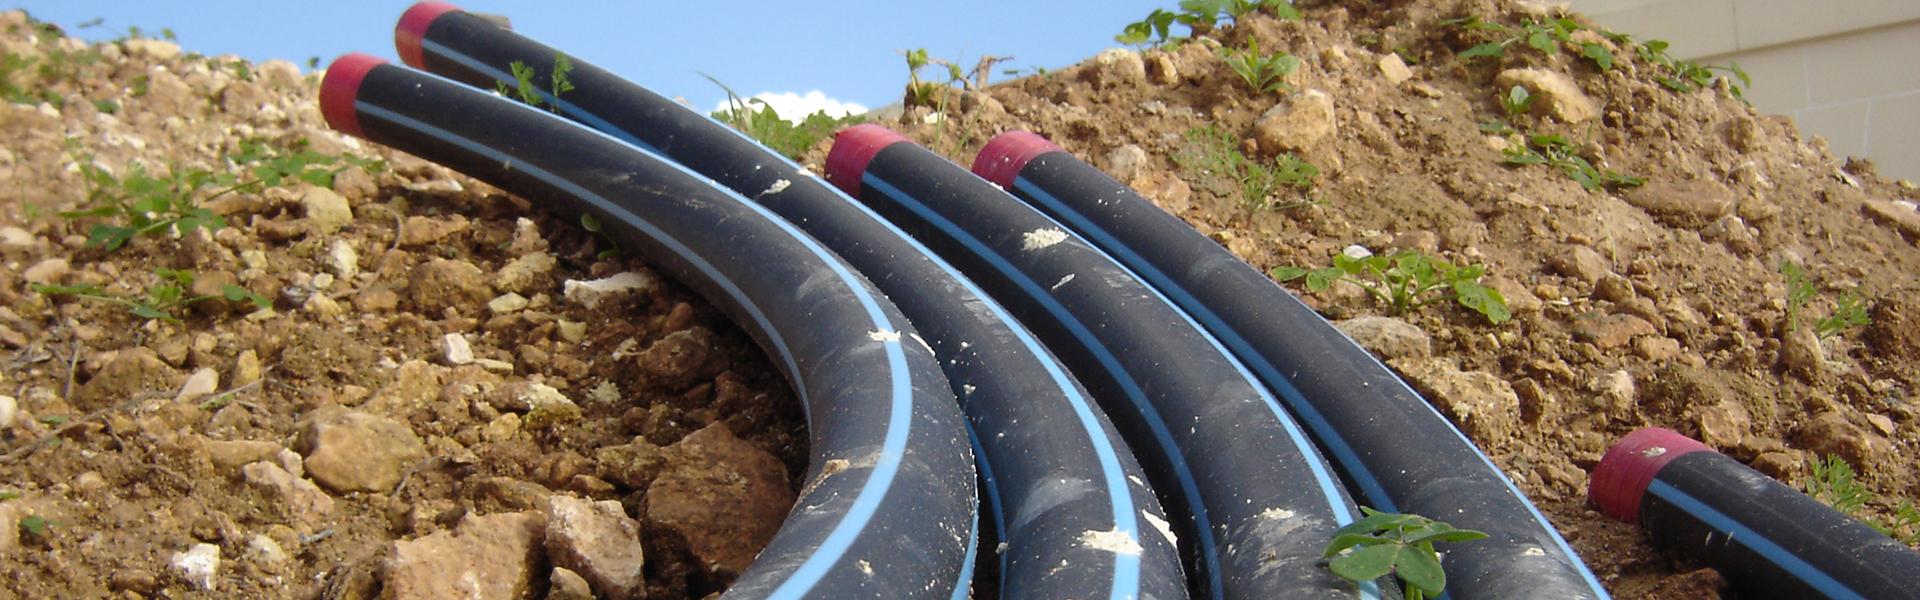 water service line boulder longmont denver